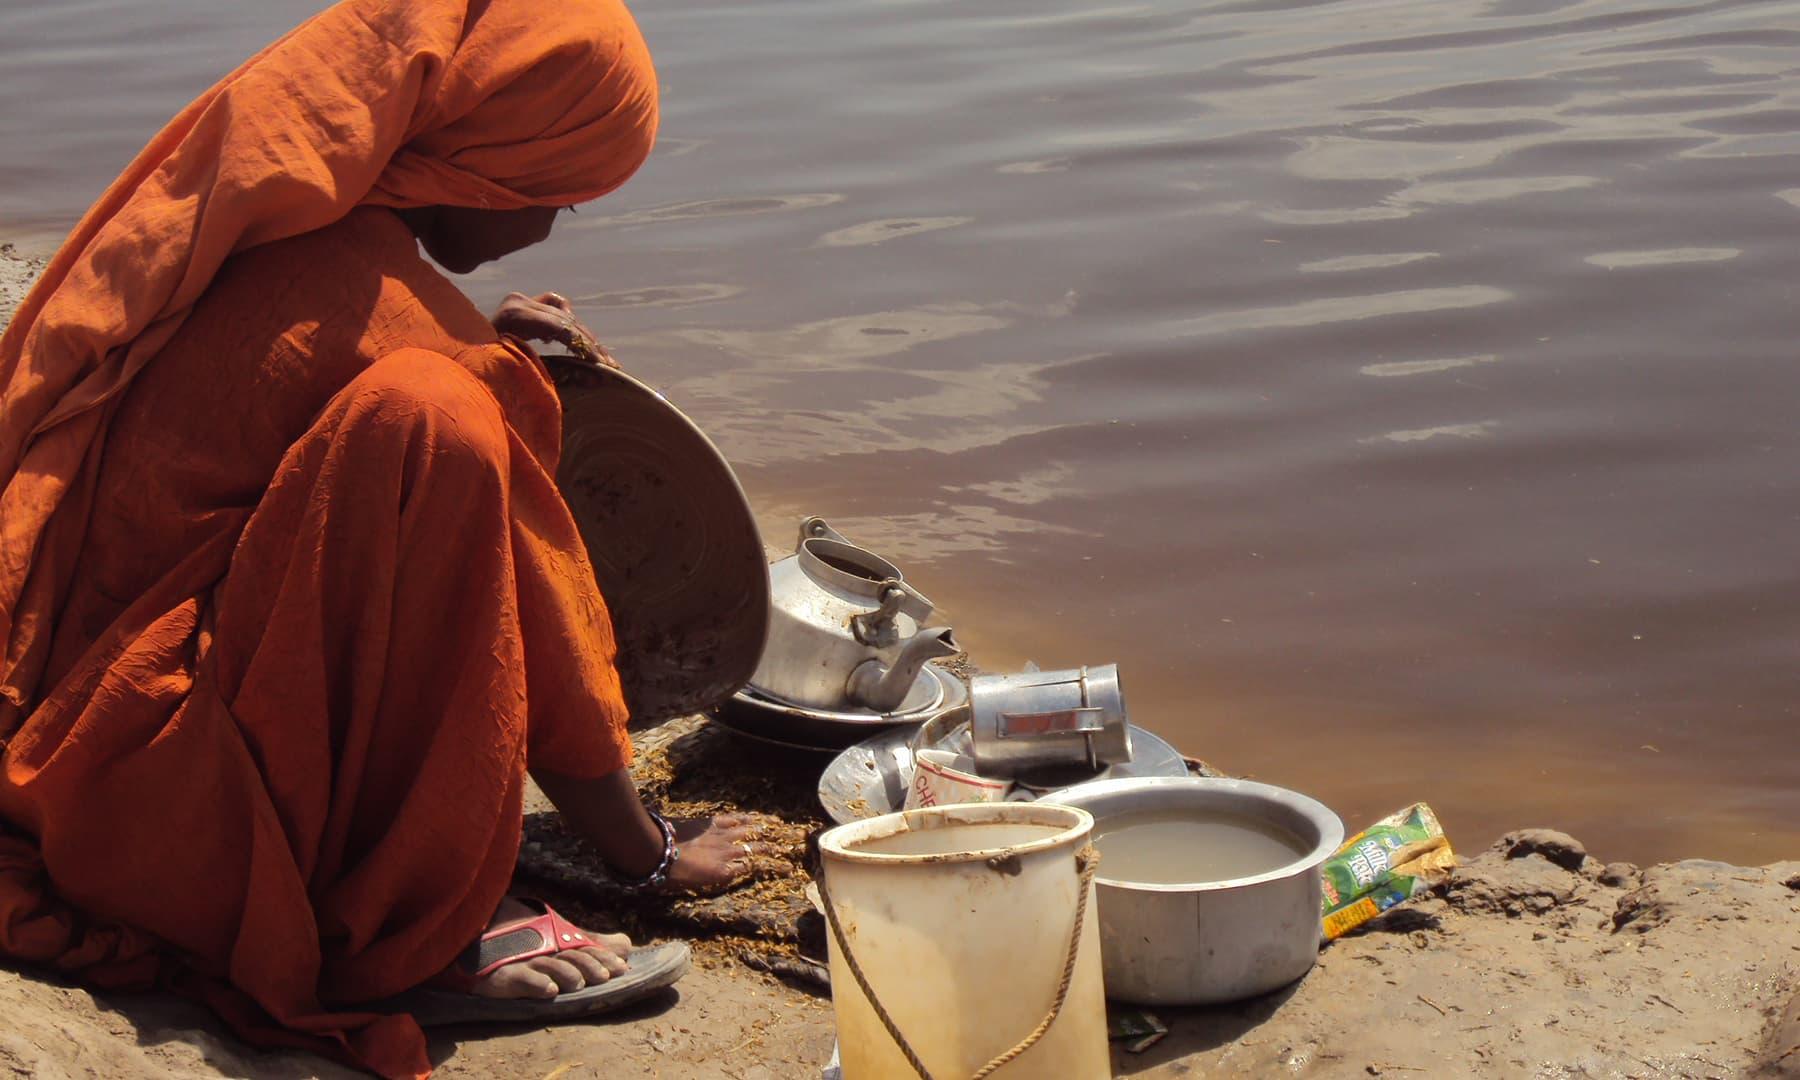 جن نالوں سے بچے پینے کے لیے پانی لے جاتے ہیں ان میں شگر ملز کے ڈسٹلری یونٹس کا اخراج شامل ہوتا ہے—تصویر ابوبکر شیخ